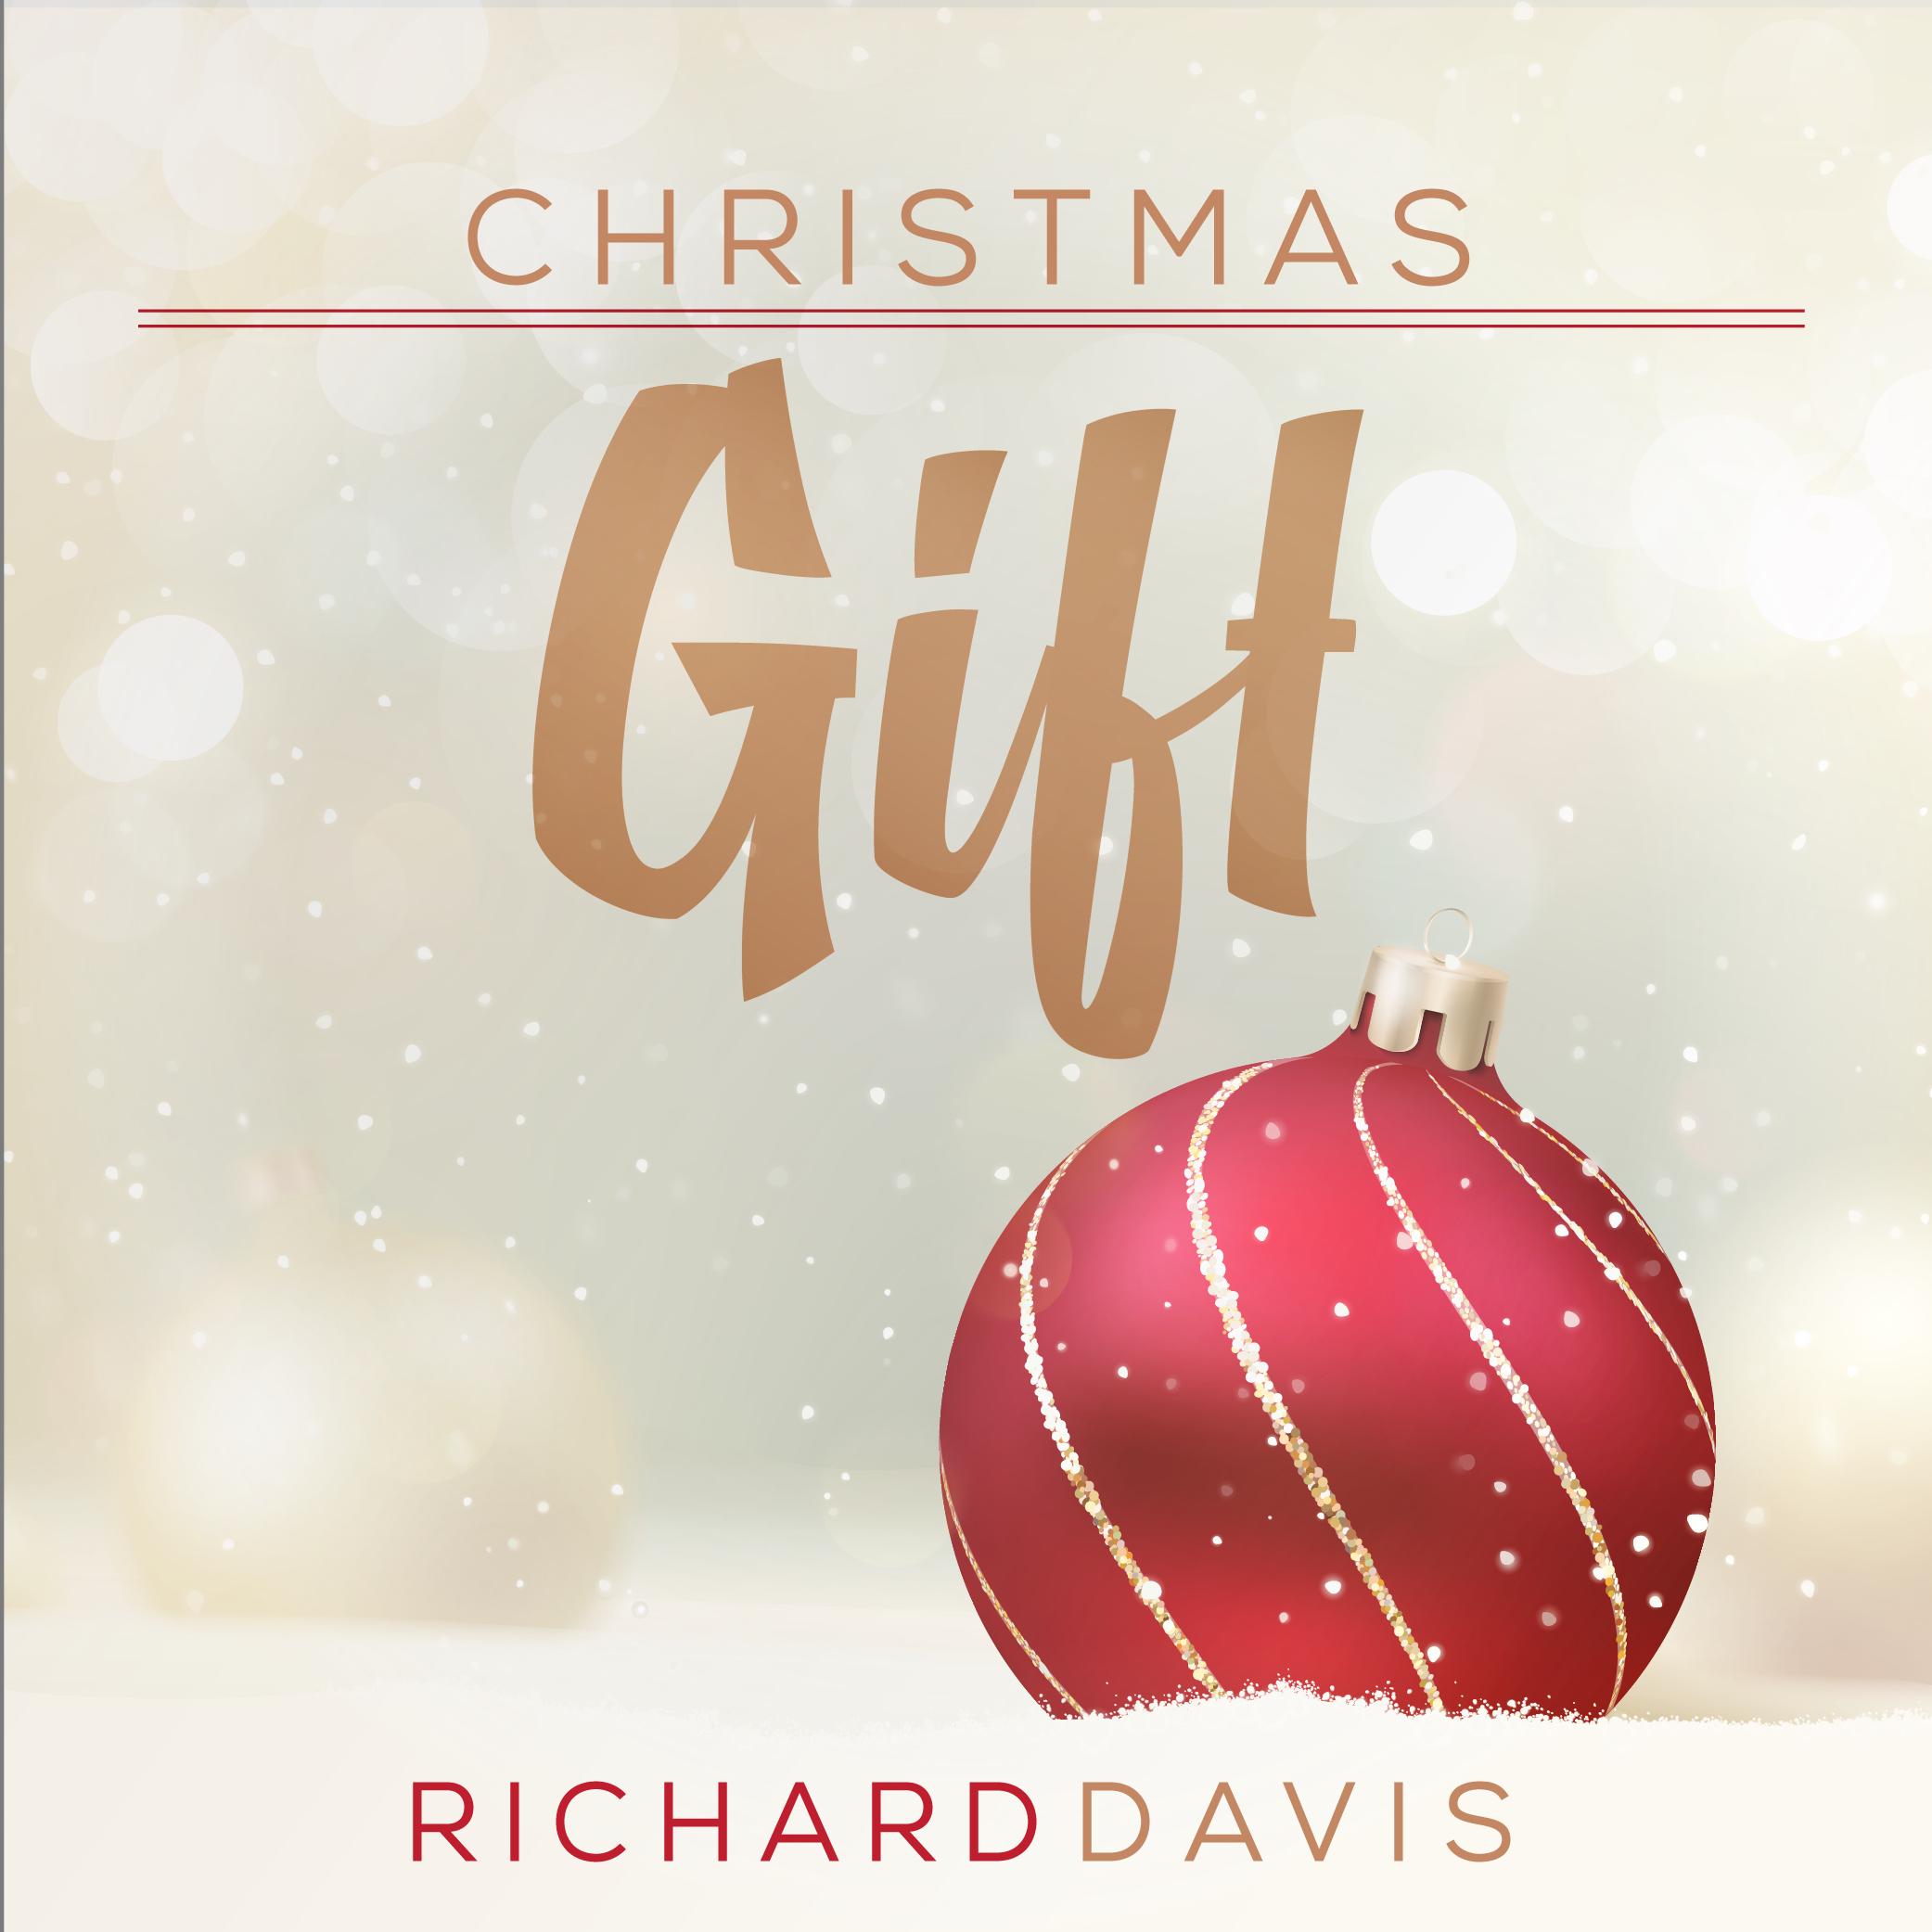 Christmas Gift Cover .jpg